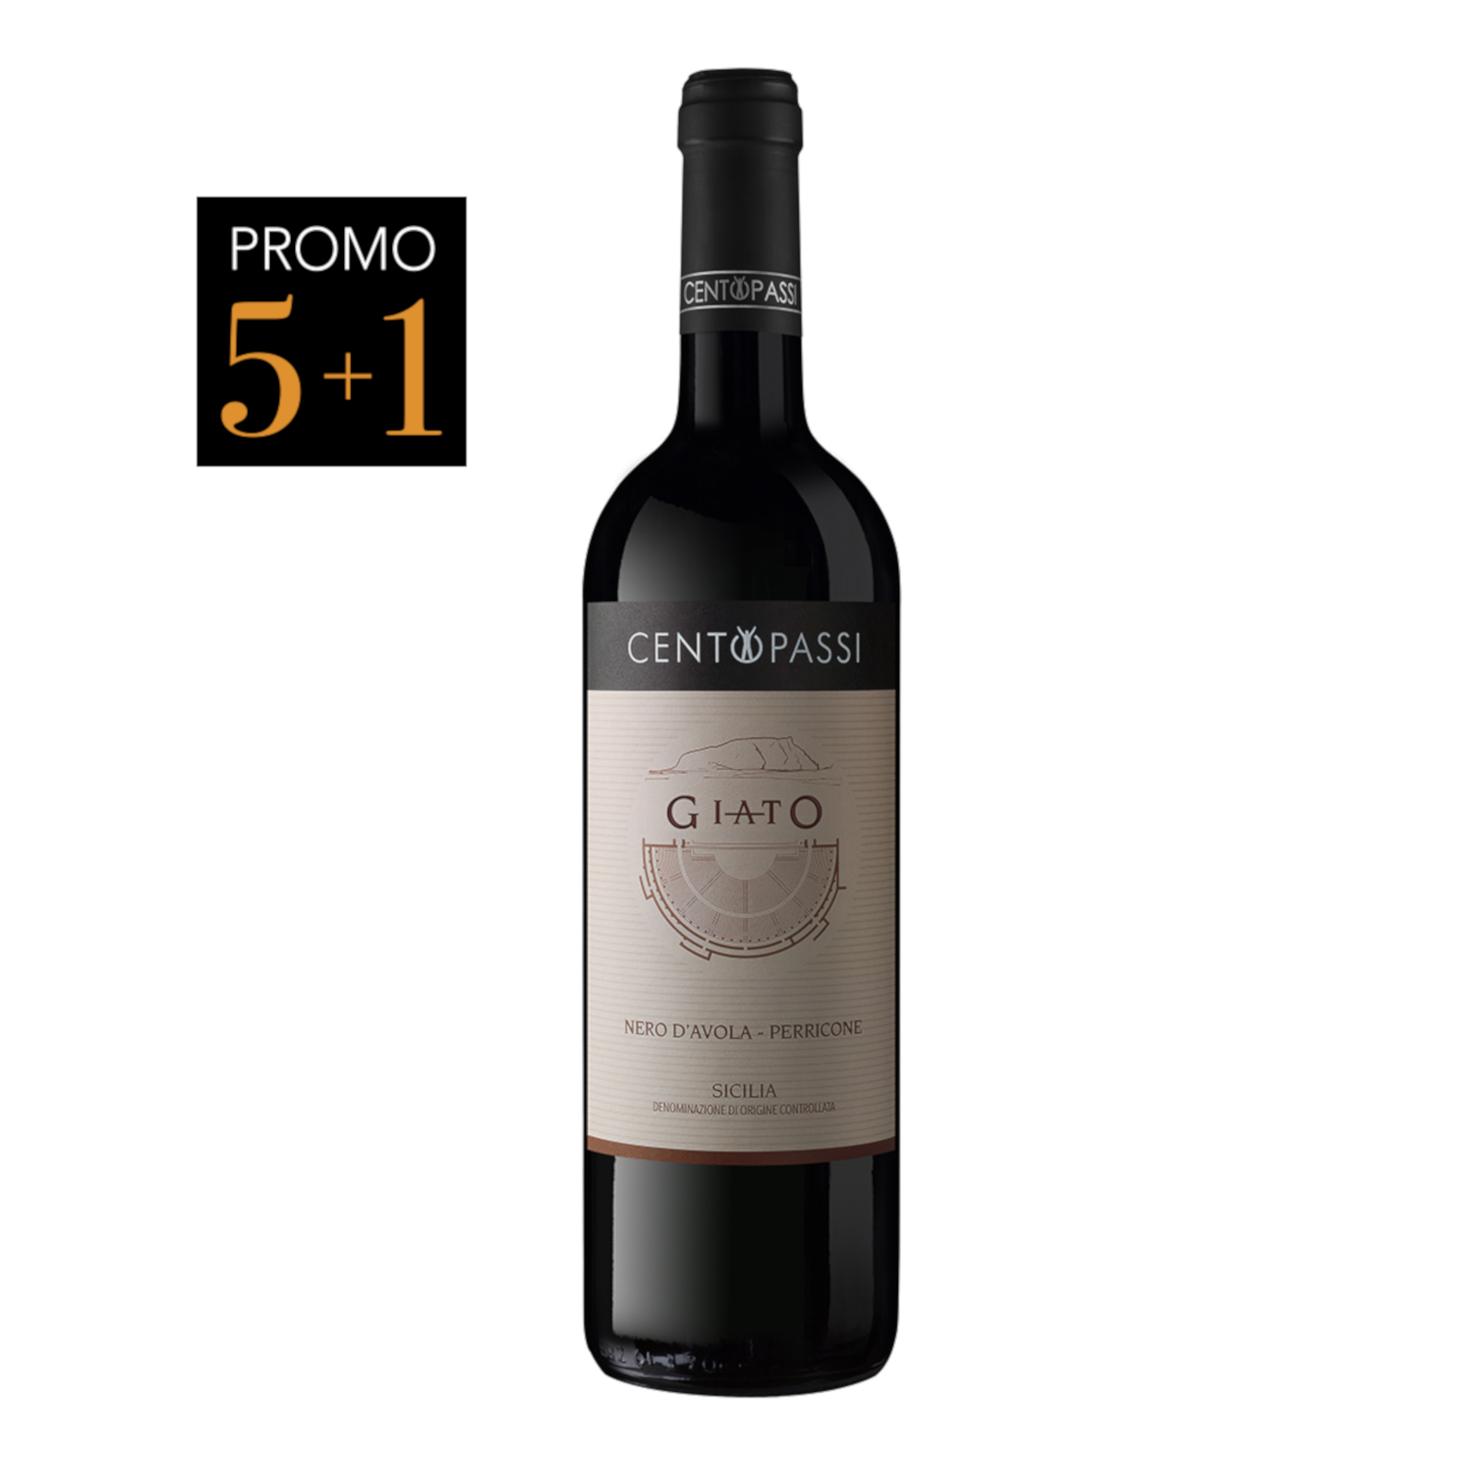 Giato Nero d'Avola-Perricone – DOC Sicilia 2020 75cl